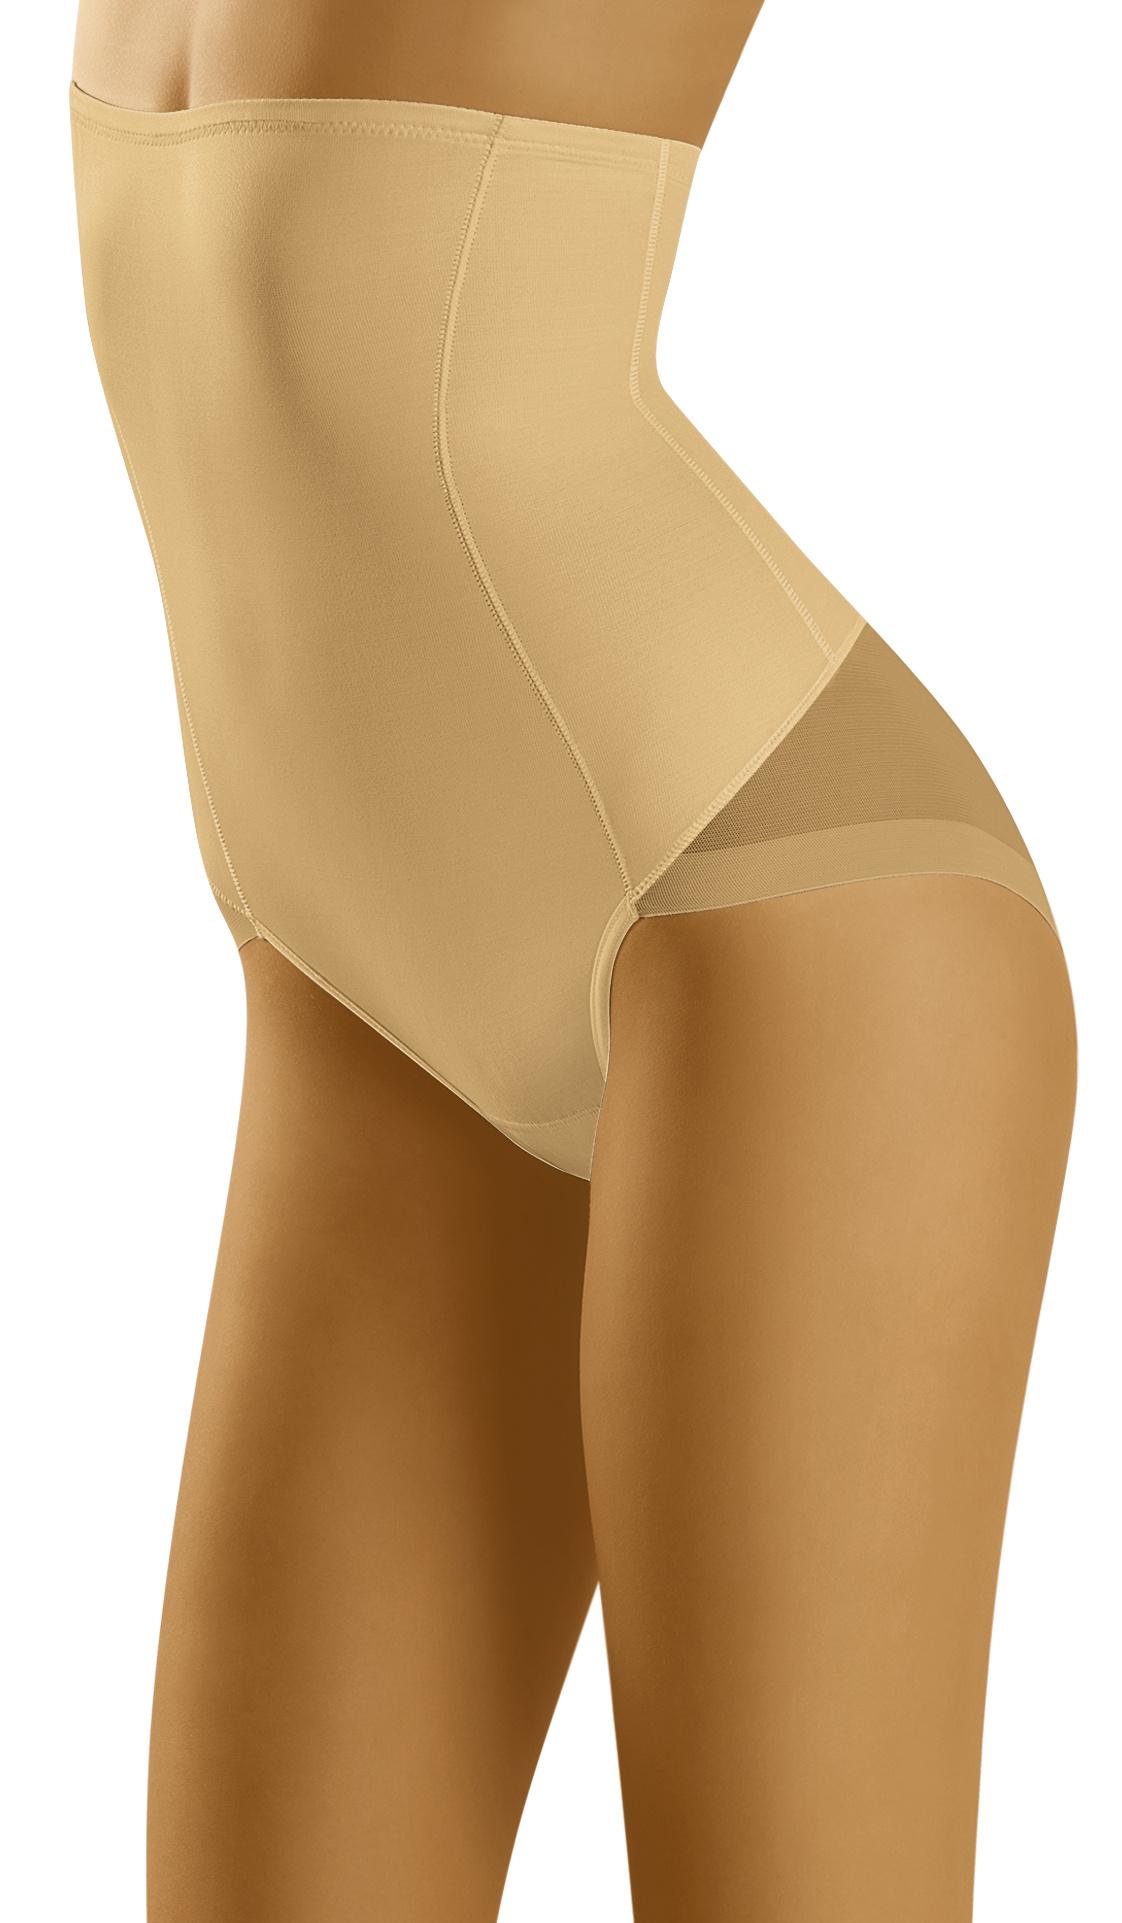 Zeštíhlující a modelující kalhotky Suprima tělové - ELEGANT.cz b362cbc5d8